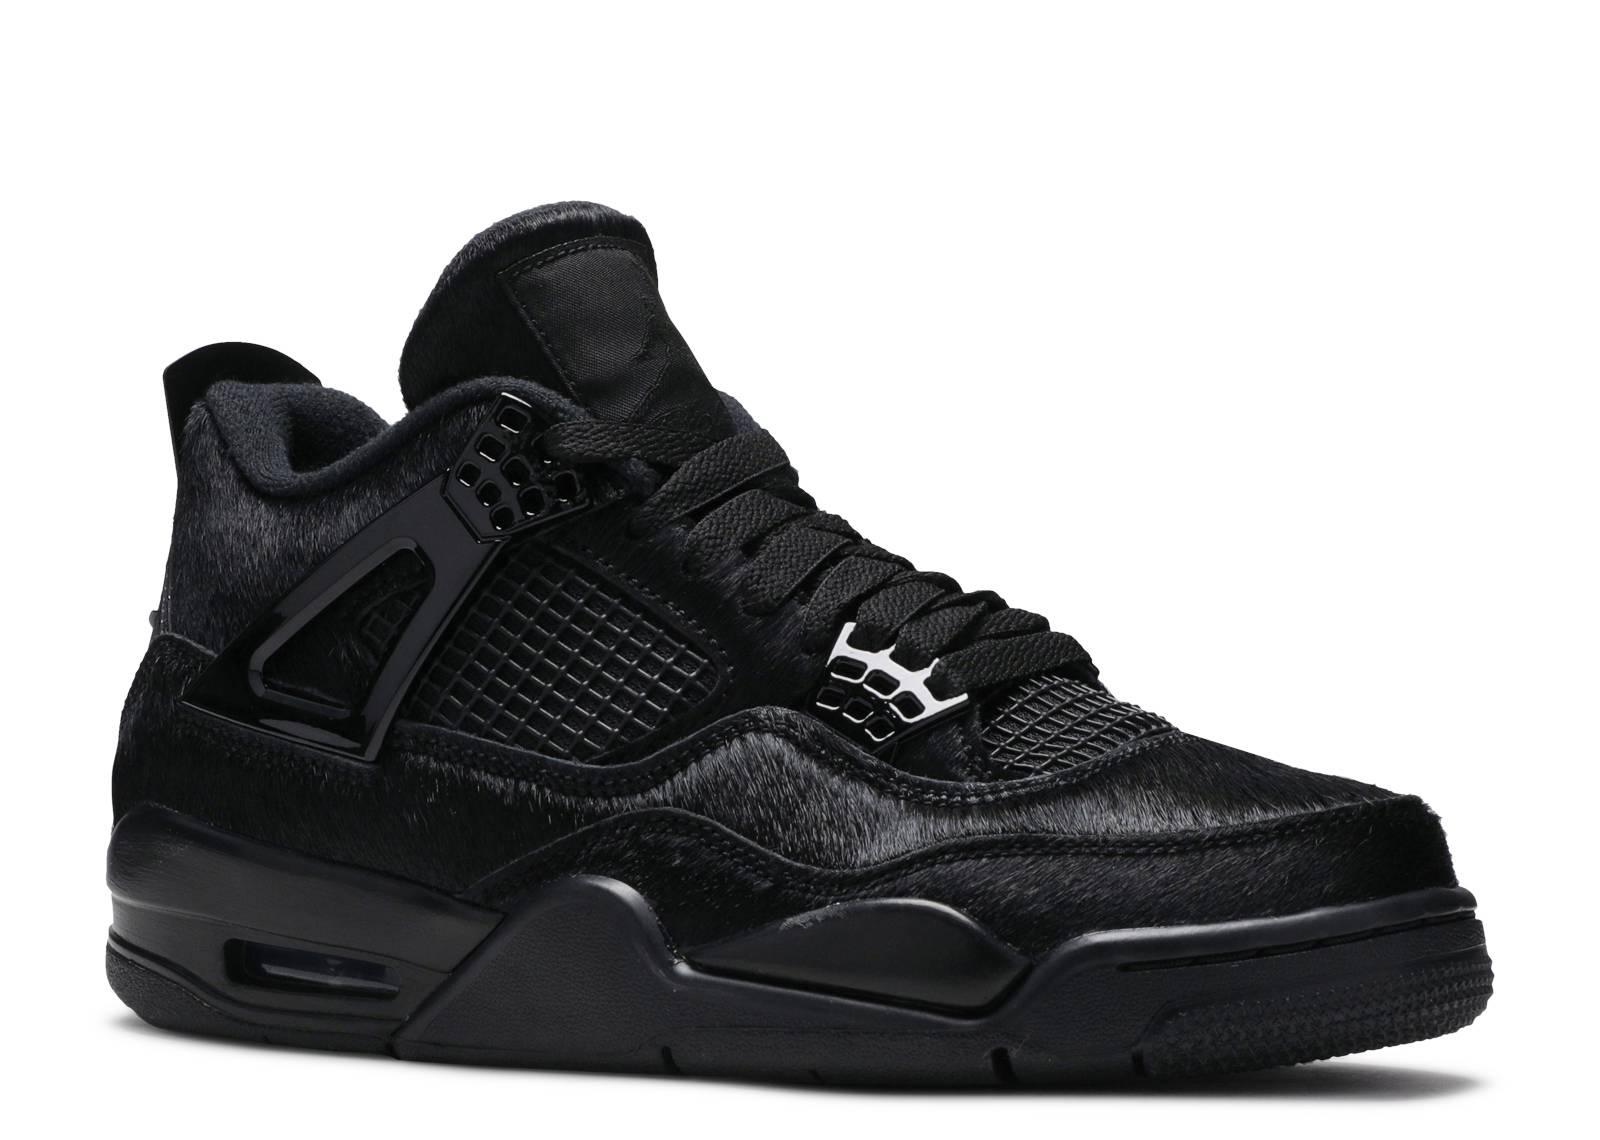 Sacrificio Repeler Estoy orgulloso  Olivia Kim X Wmns Air Jordan 4 Retro 'No Cover' - Air Jordan - CK2925 001 -  black/black/black | Flight Club